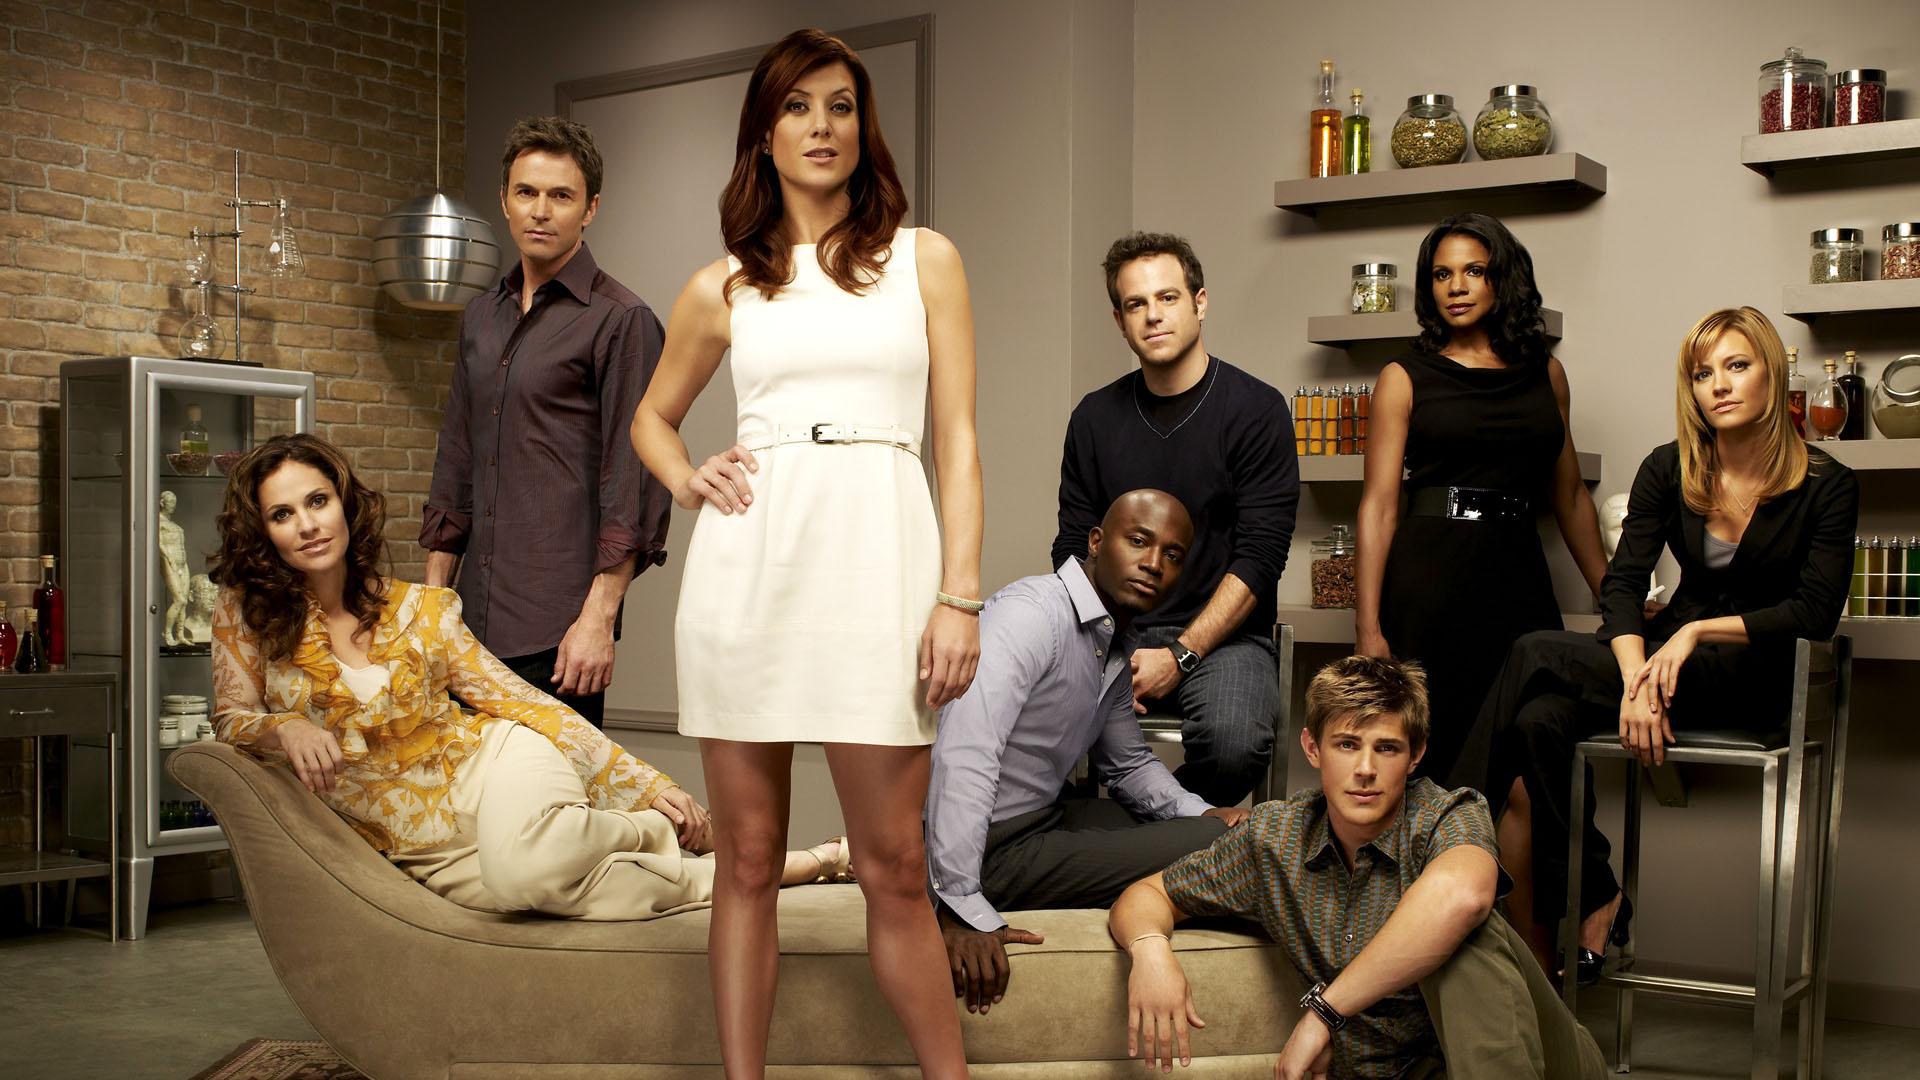 Private Practice zal eindigen na huidige 13 afleveringen